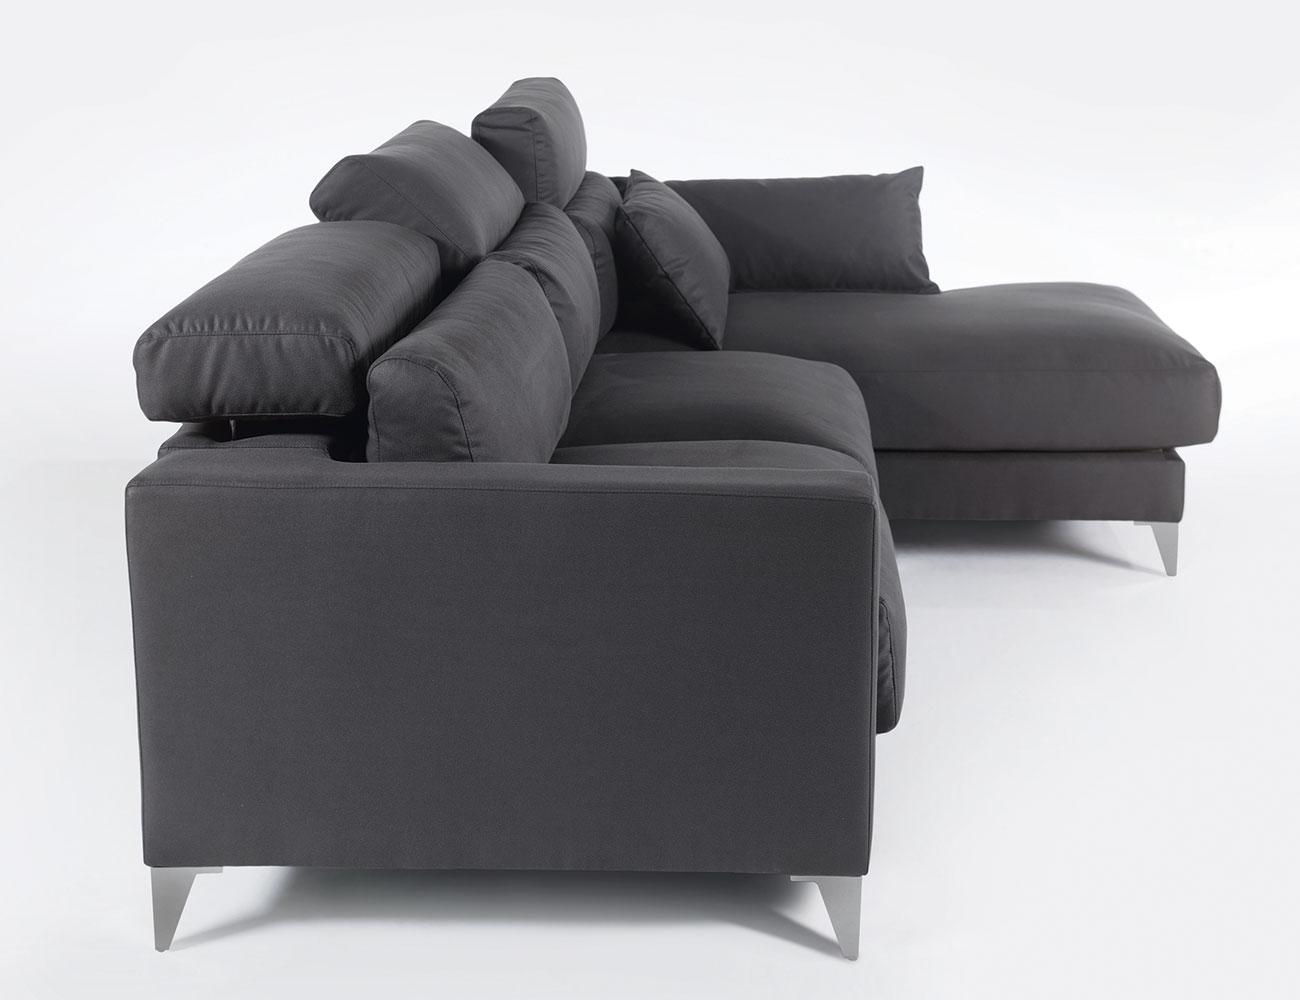 Sofa chaiselongue gran lujo decorativo grafito 123